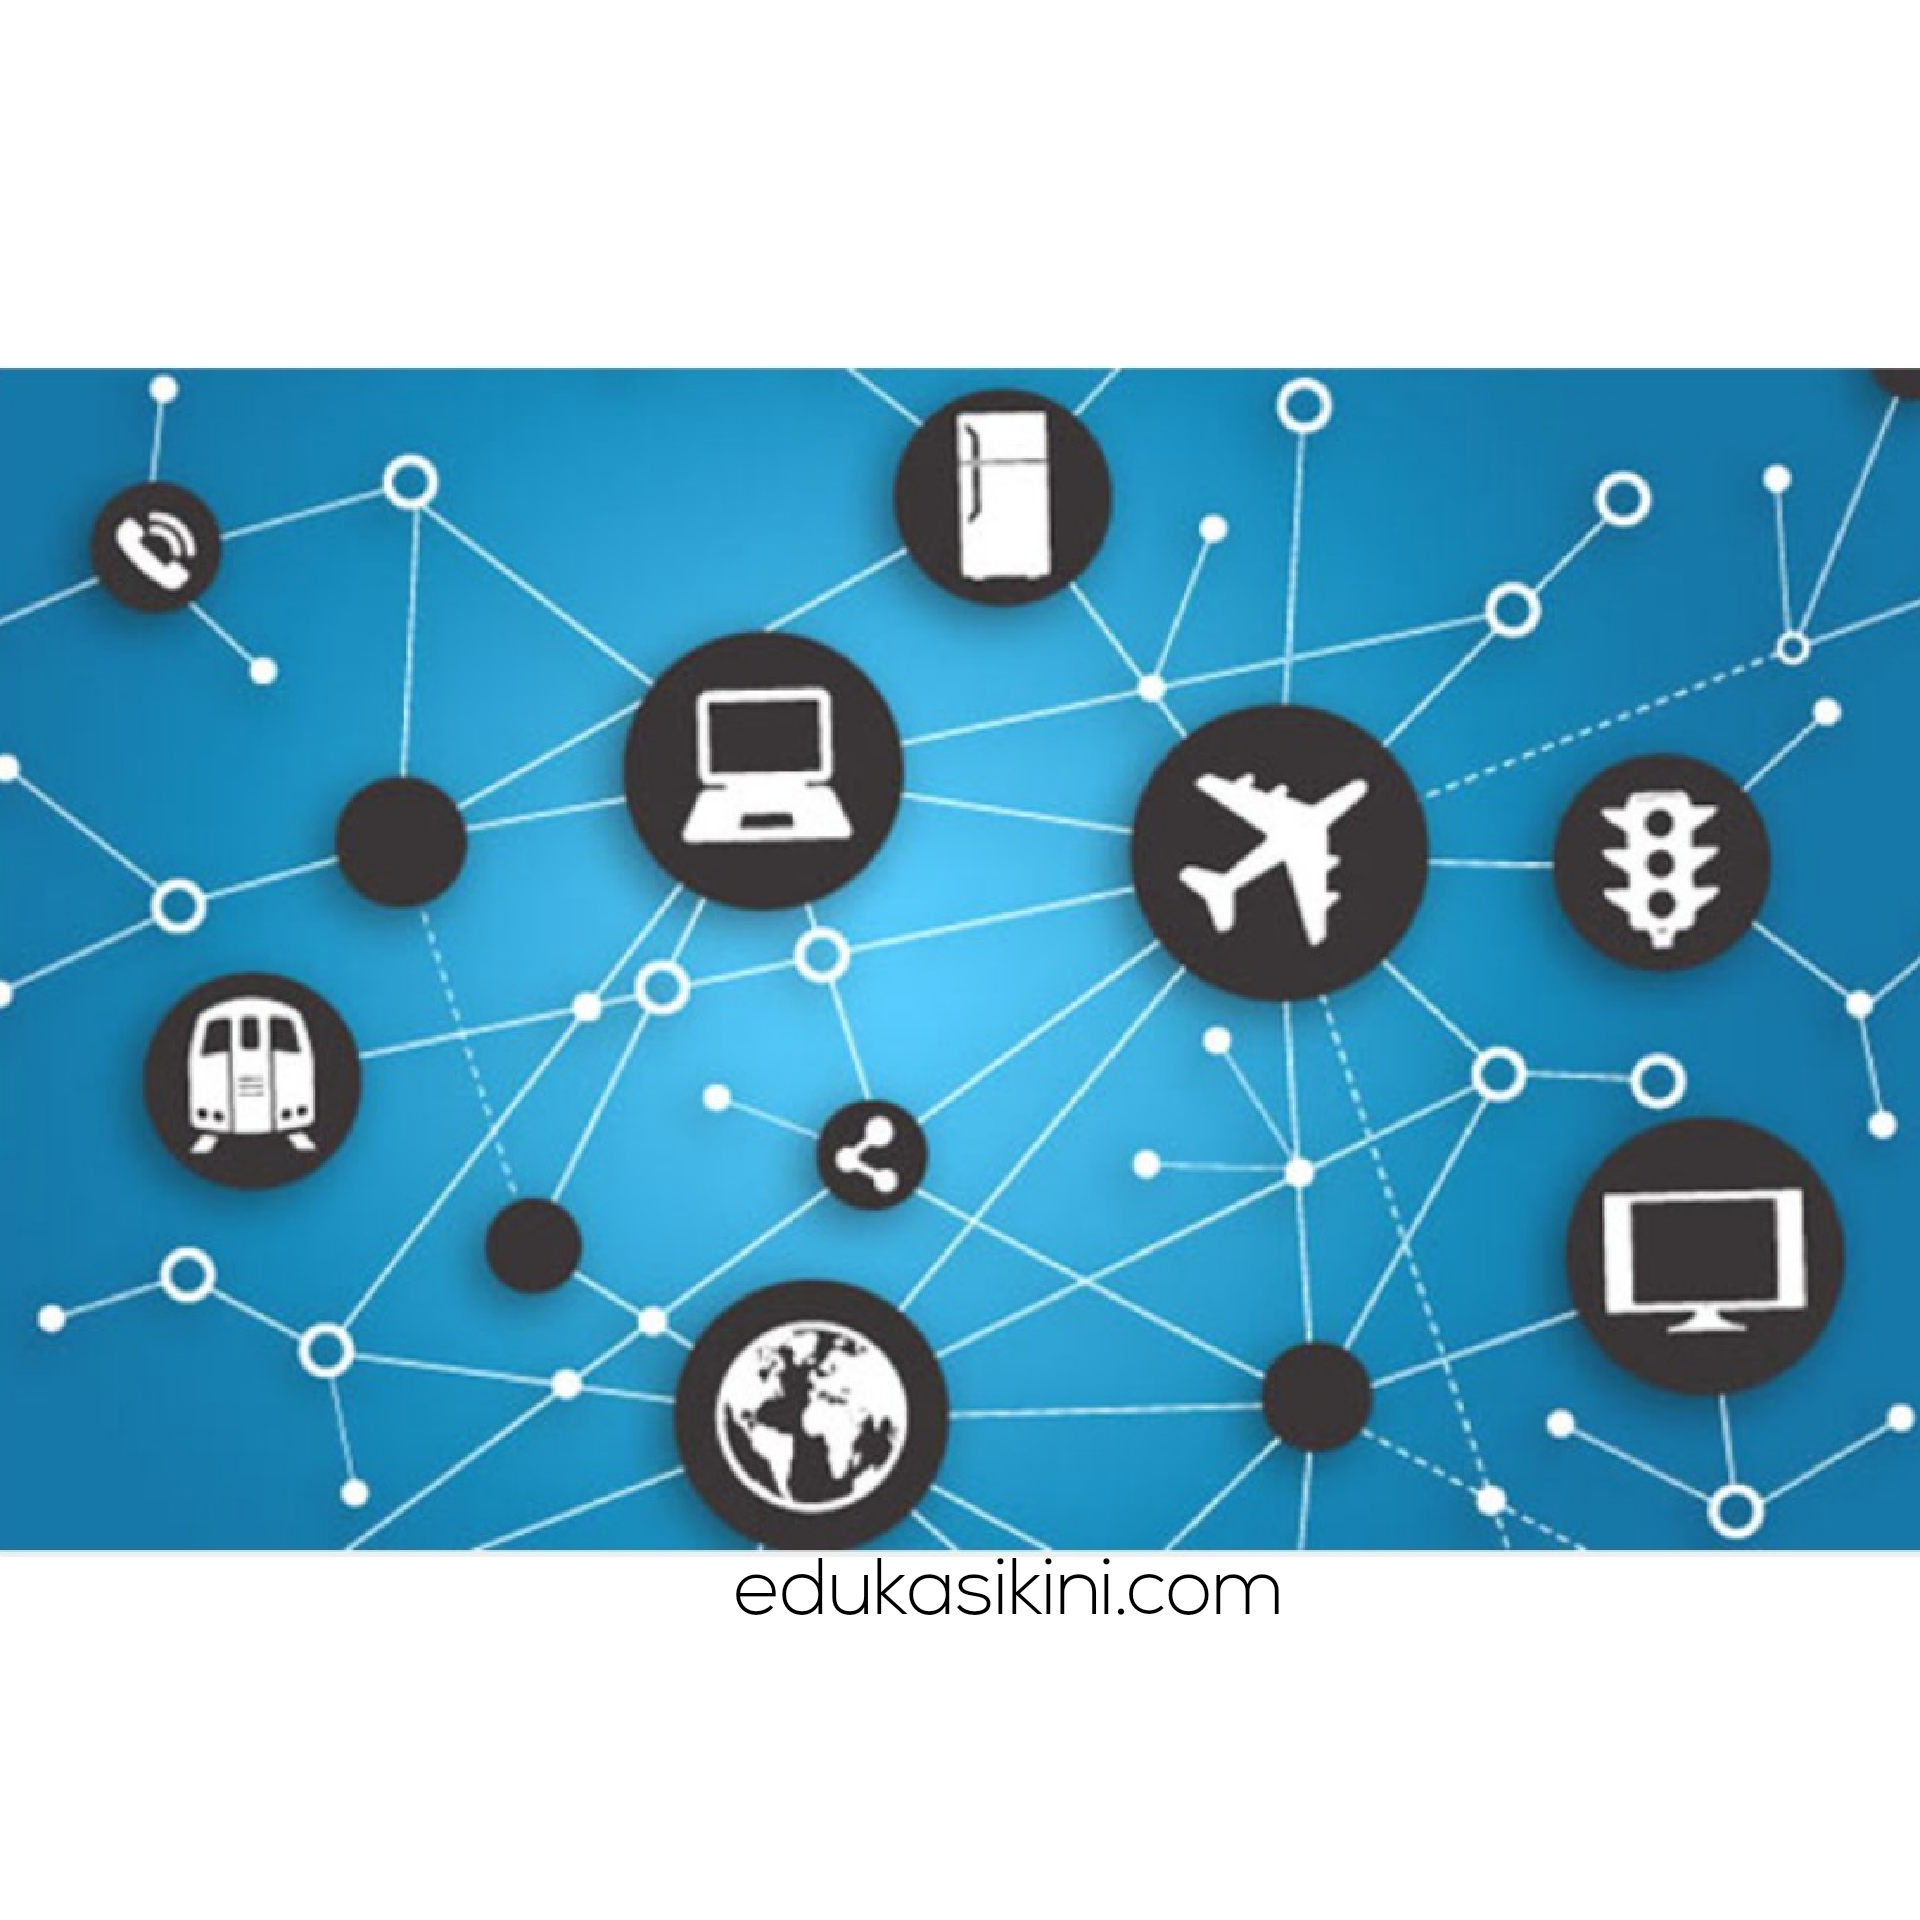 Internet untuk segala - Dasar, Tren Saat Ini dan Cakupan Masa Depan